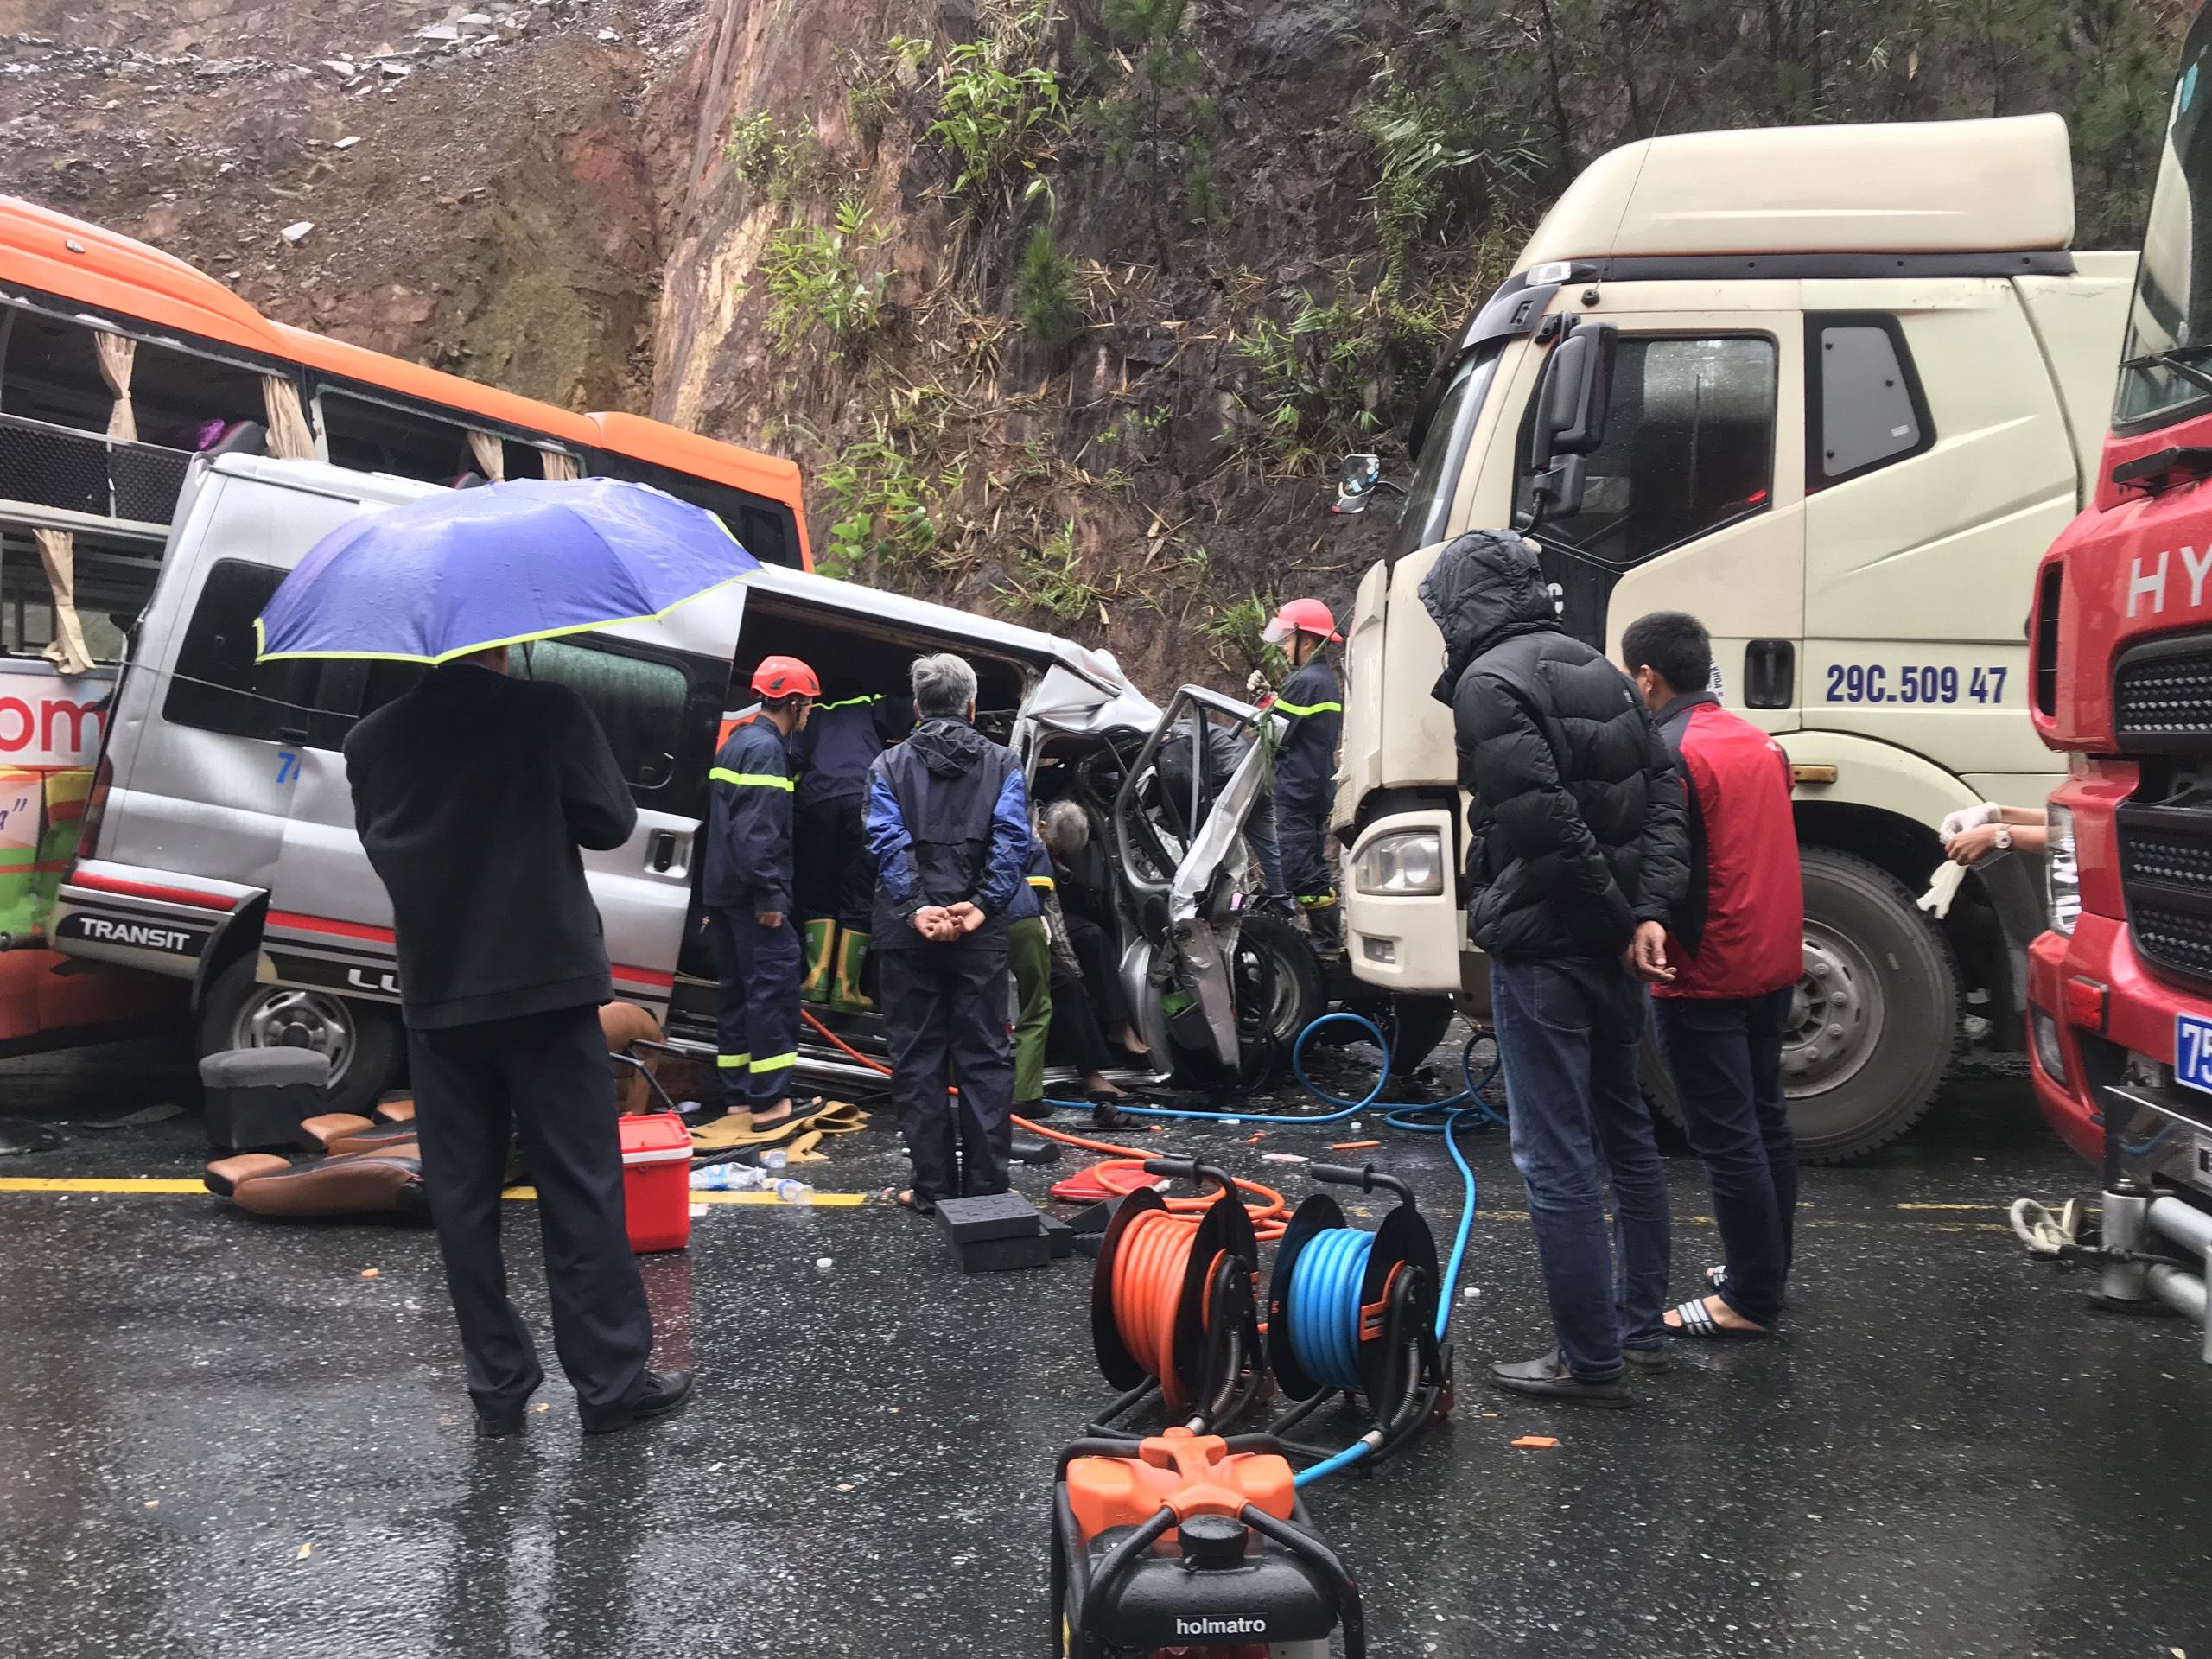 Trong vòng chưa đến 1 tuần đây là vụ tai nạn nghiêm trọng thứ 2 xảy ra trên đường tránh TP. Huê